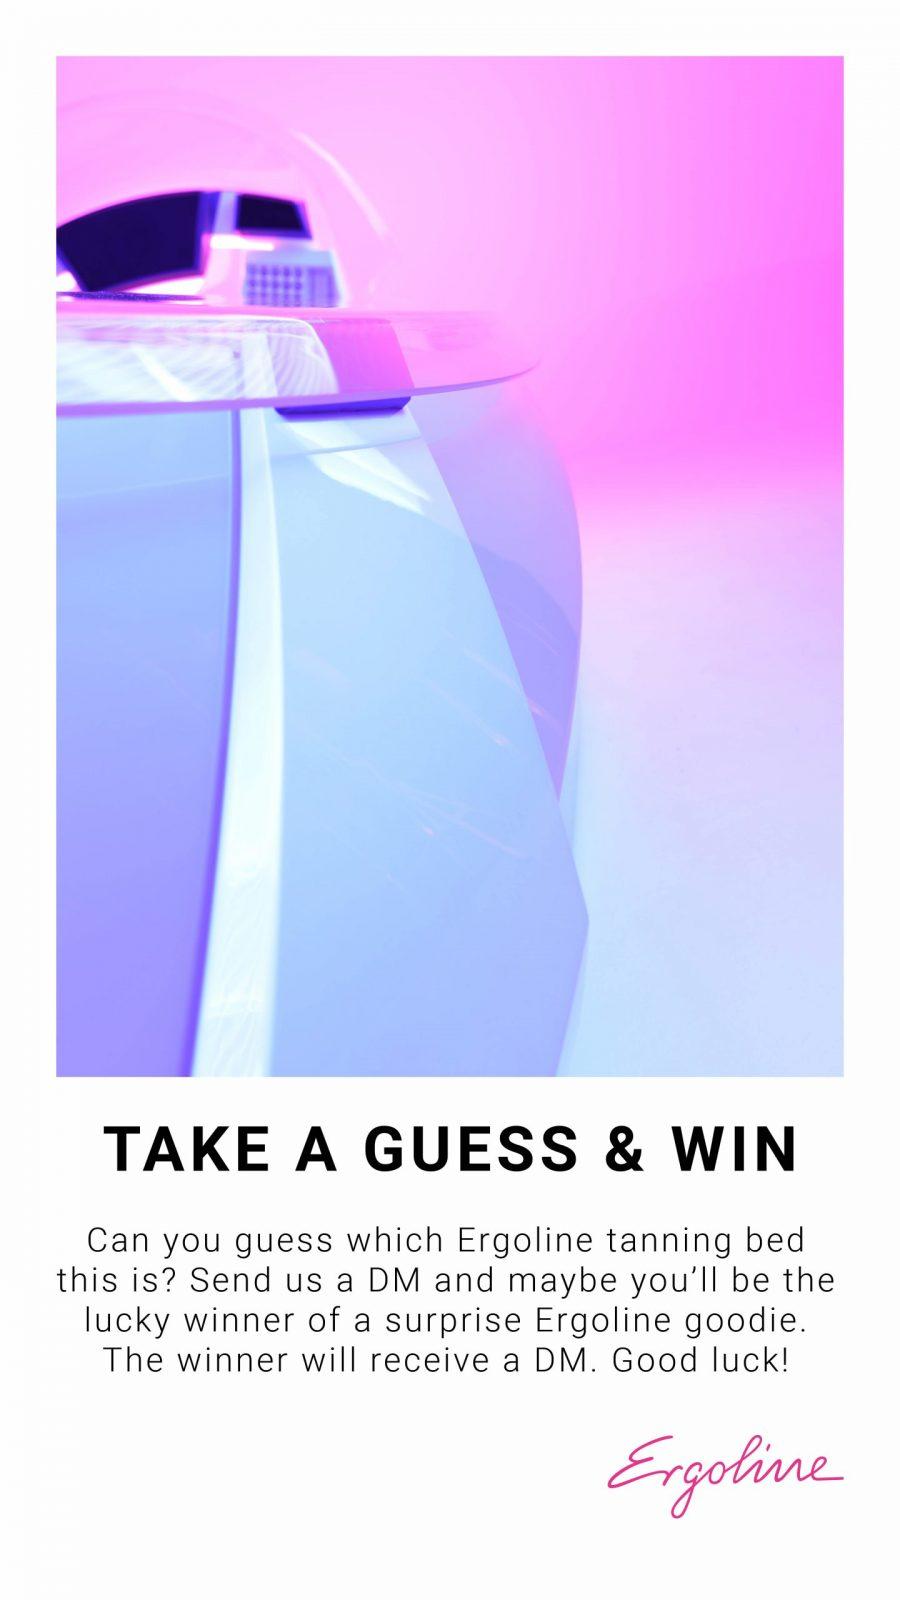 Take A Guess & Win